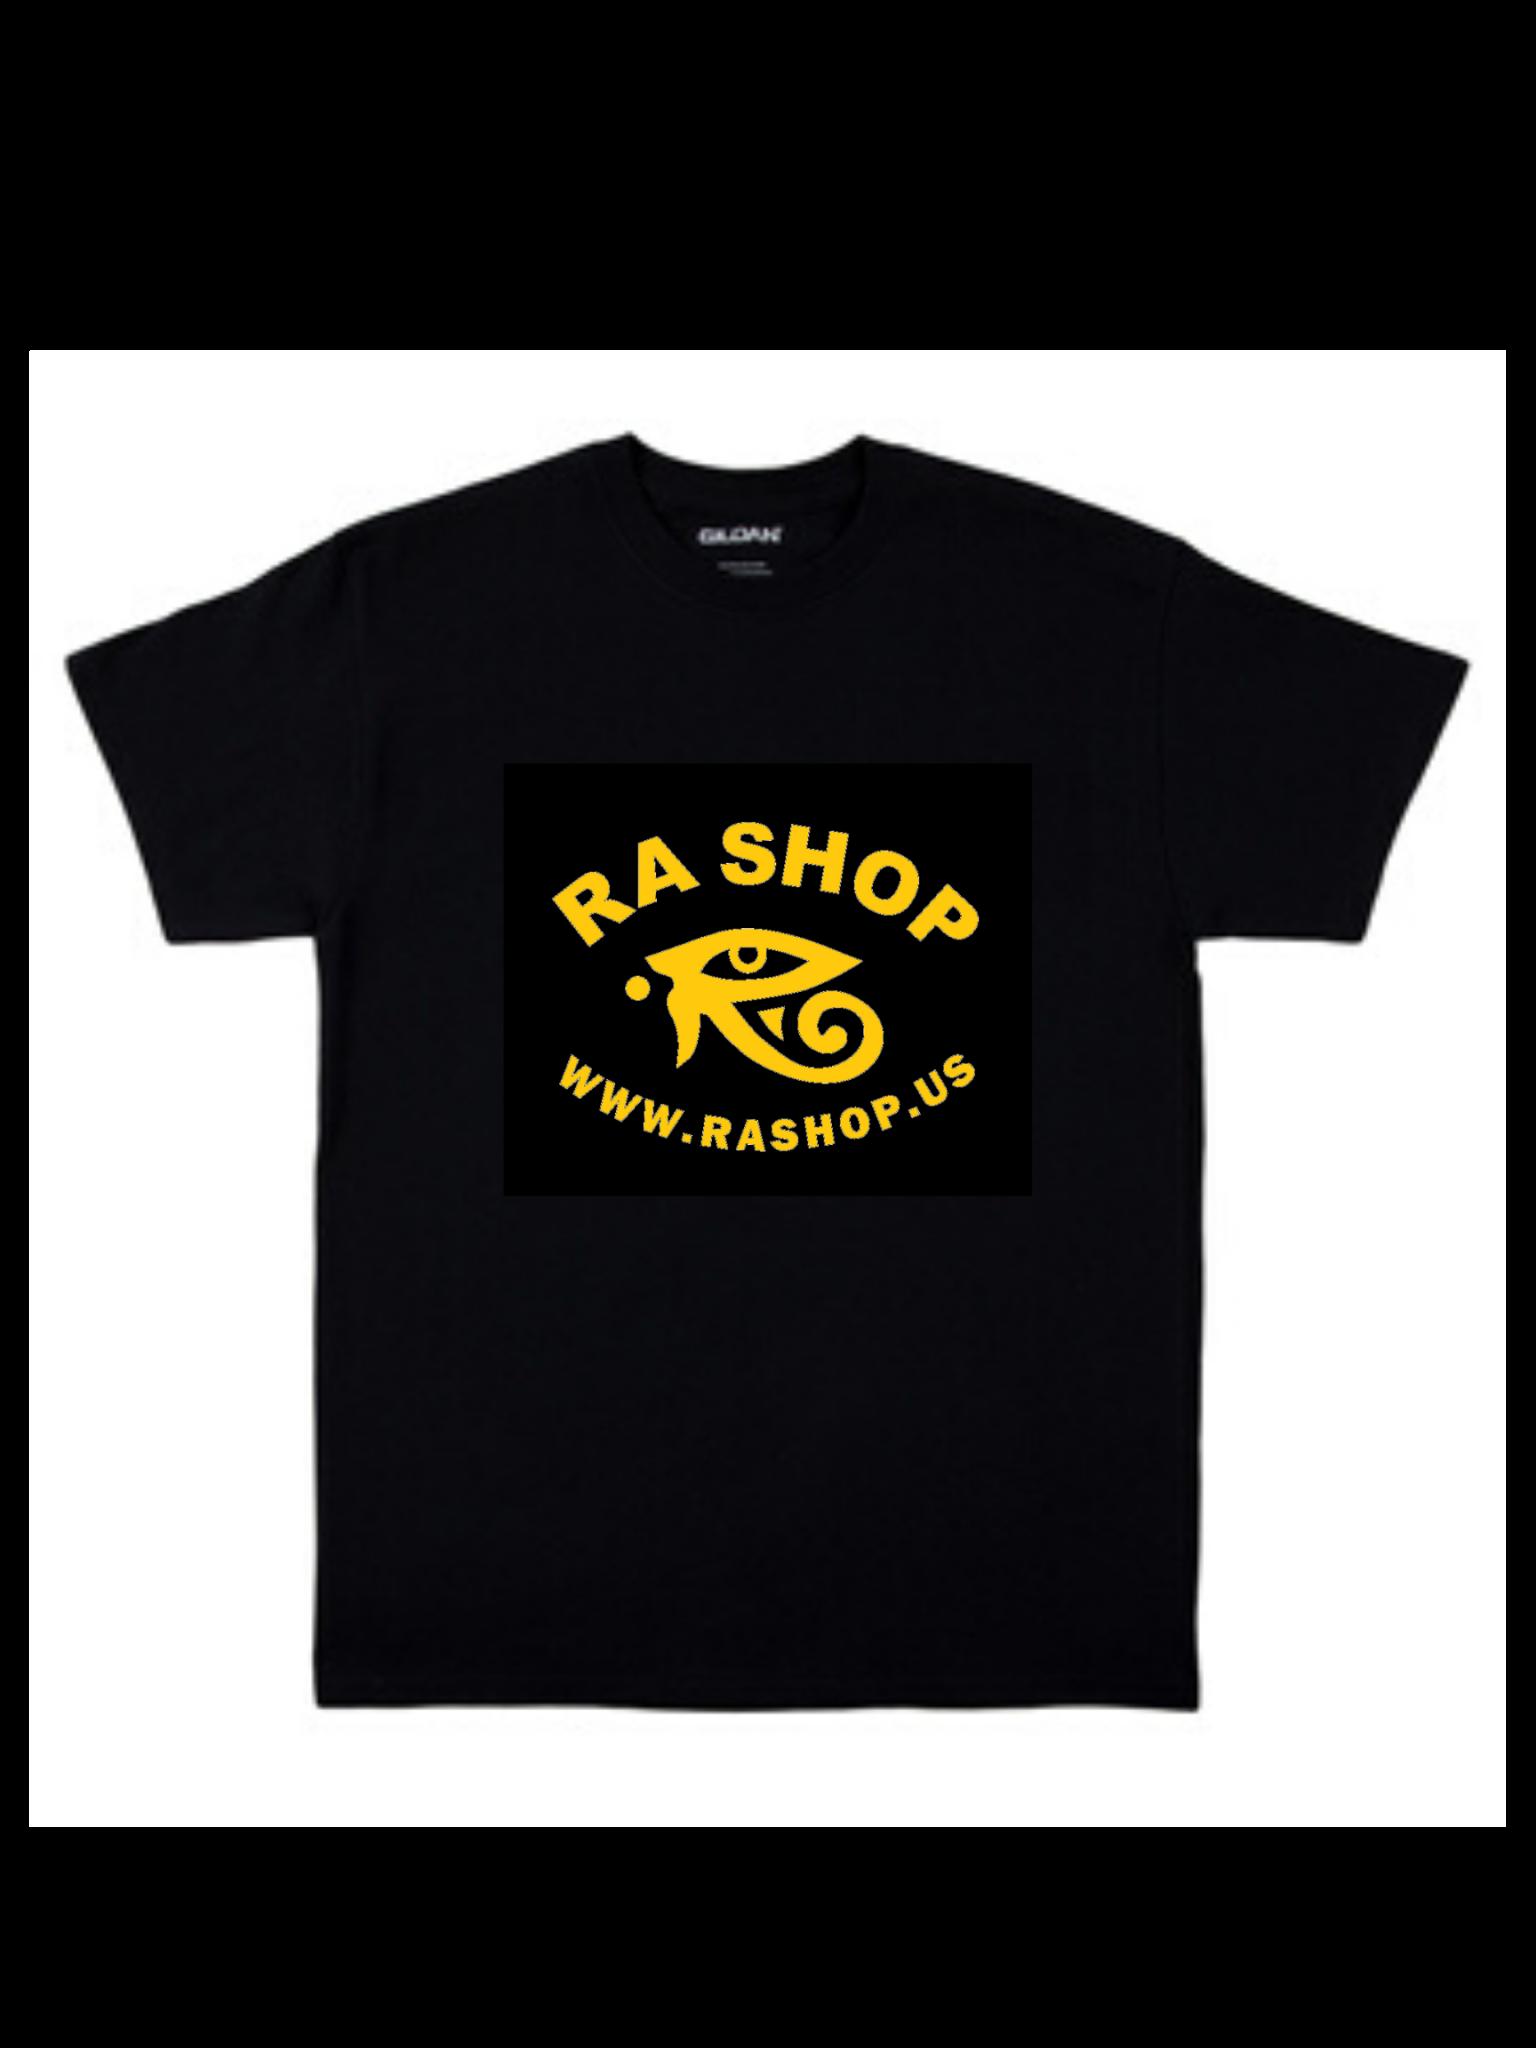 Ra Shop T-Shirt Black 3XL